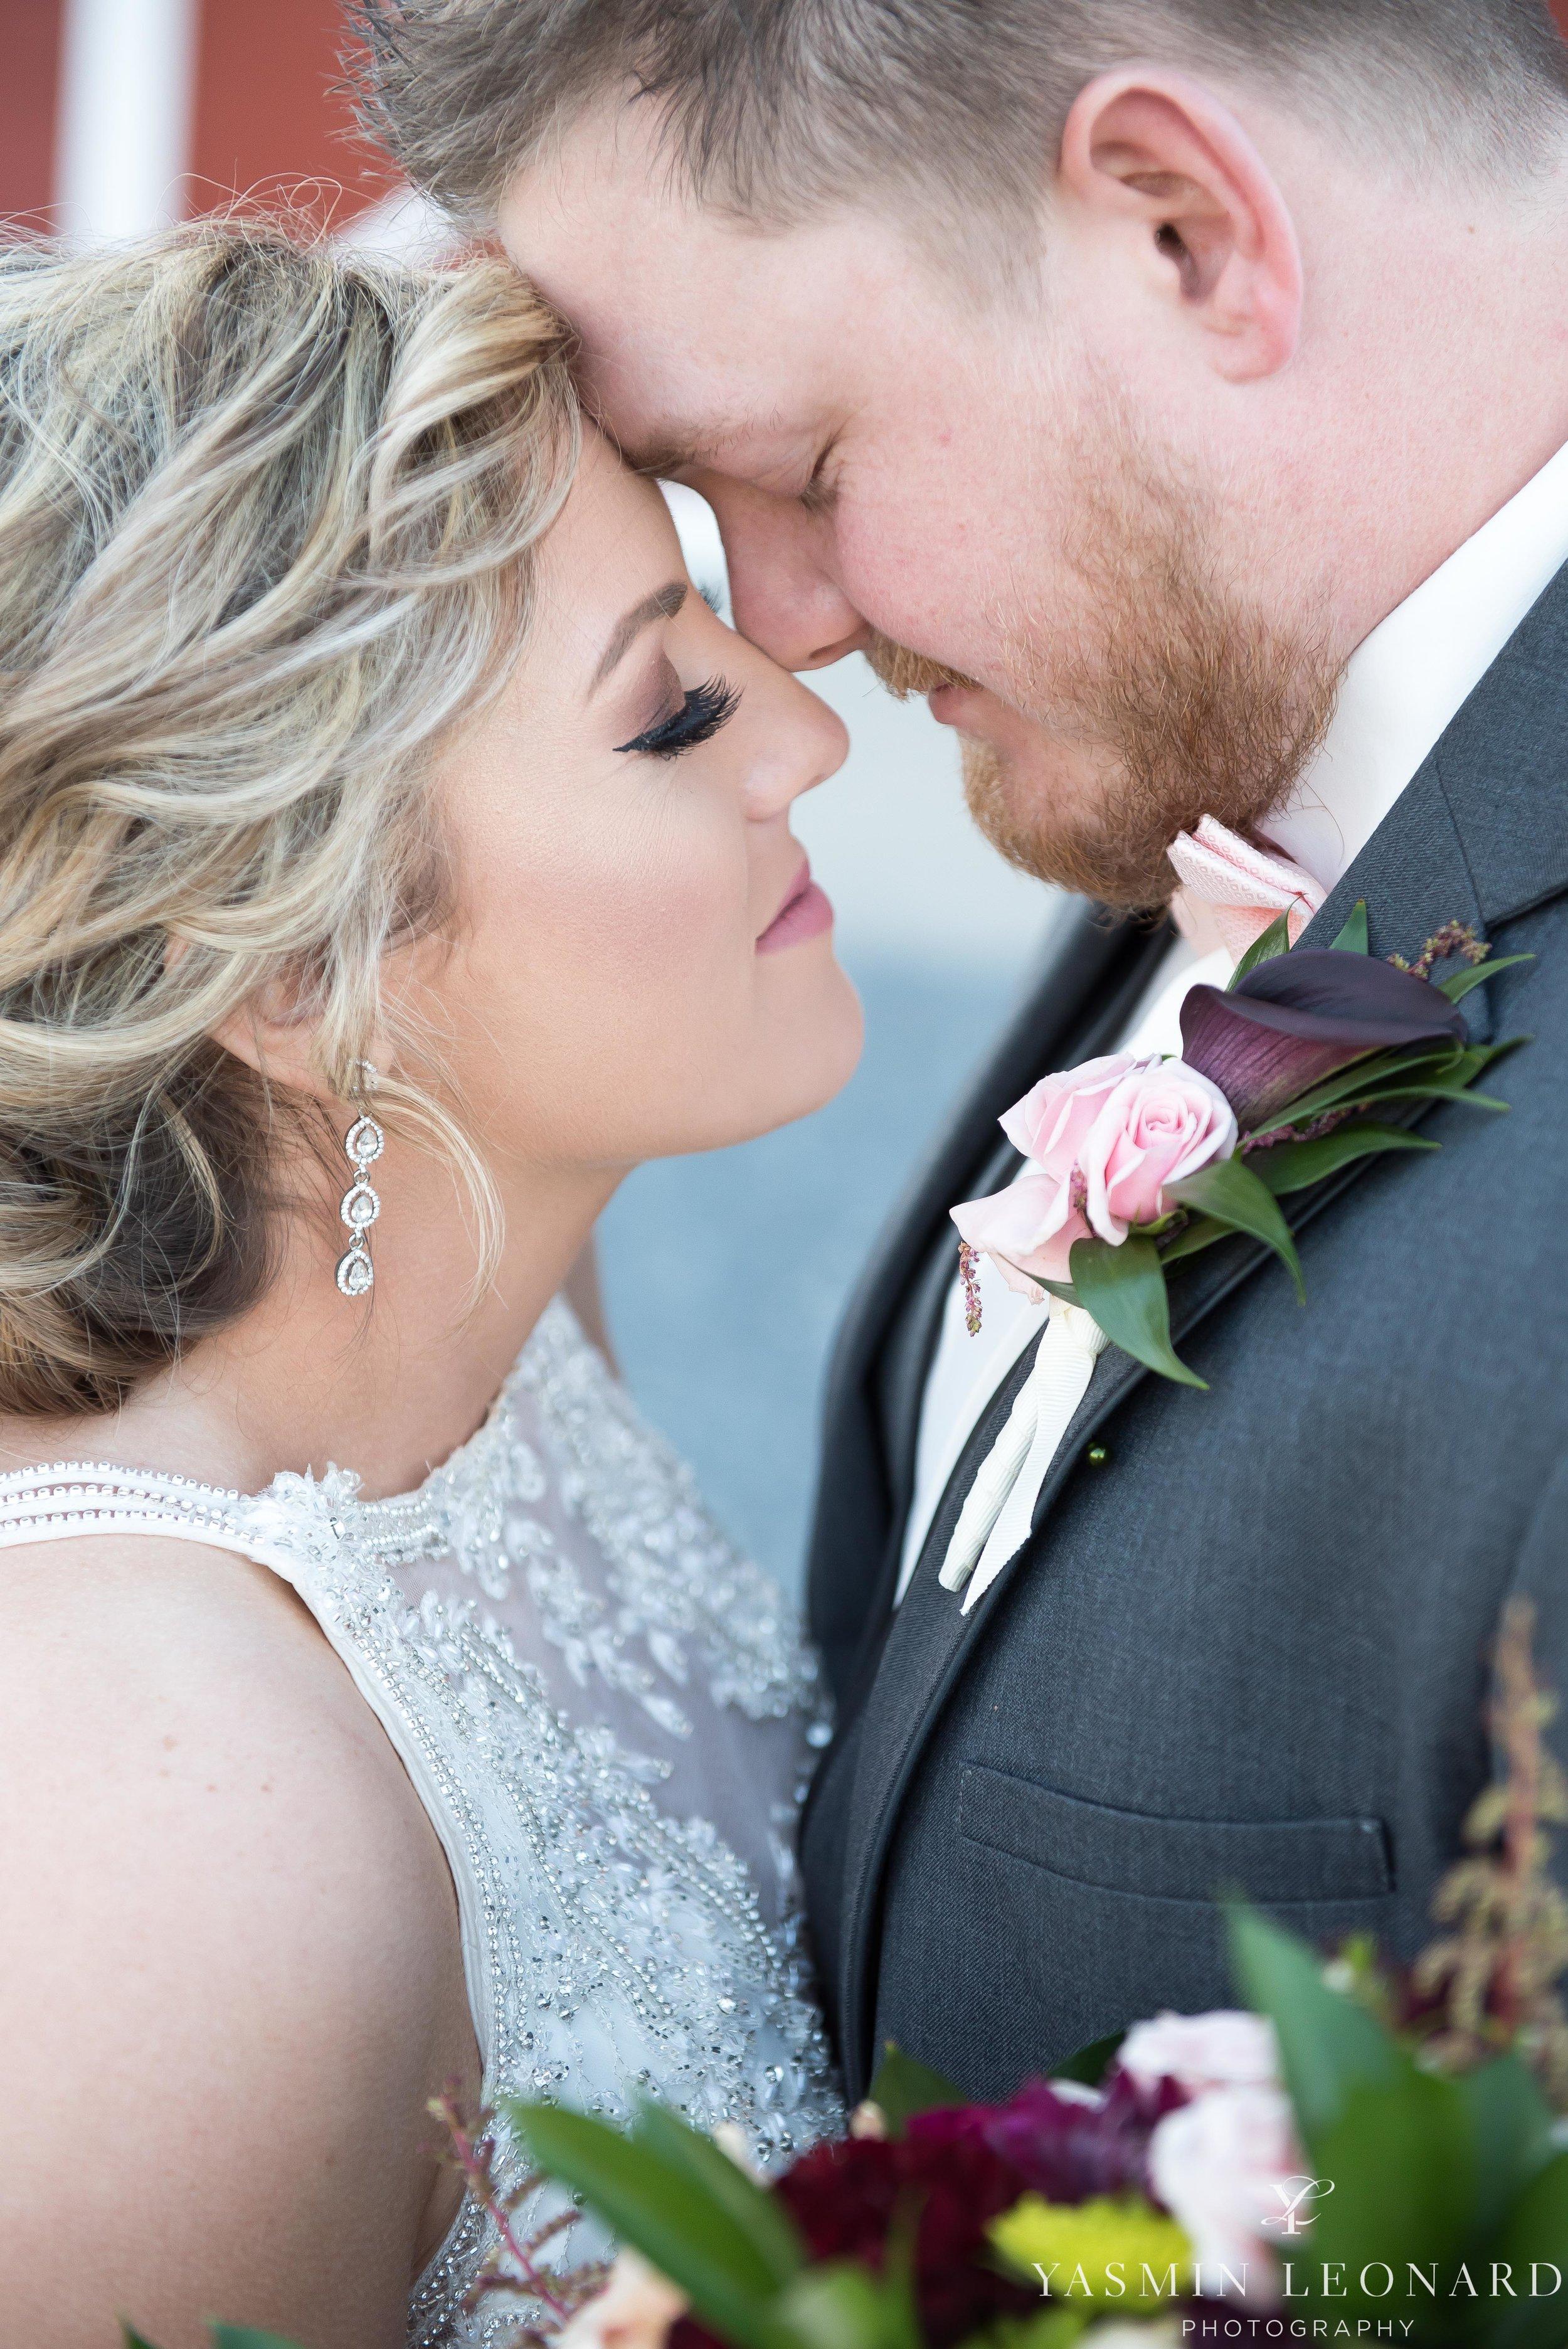 Millikan Farms - Millikan Farms Wedding - Sophia NC Wedding - NC Wedding - NC Wedding Photographer - Yasmin Leonard Photography - High Point Photographer - Barn Wedding - Wedding Venues in NC - Triad Wedding Photographer-55.jpg